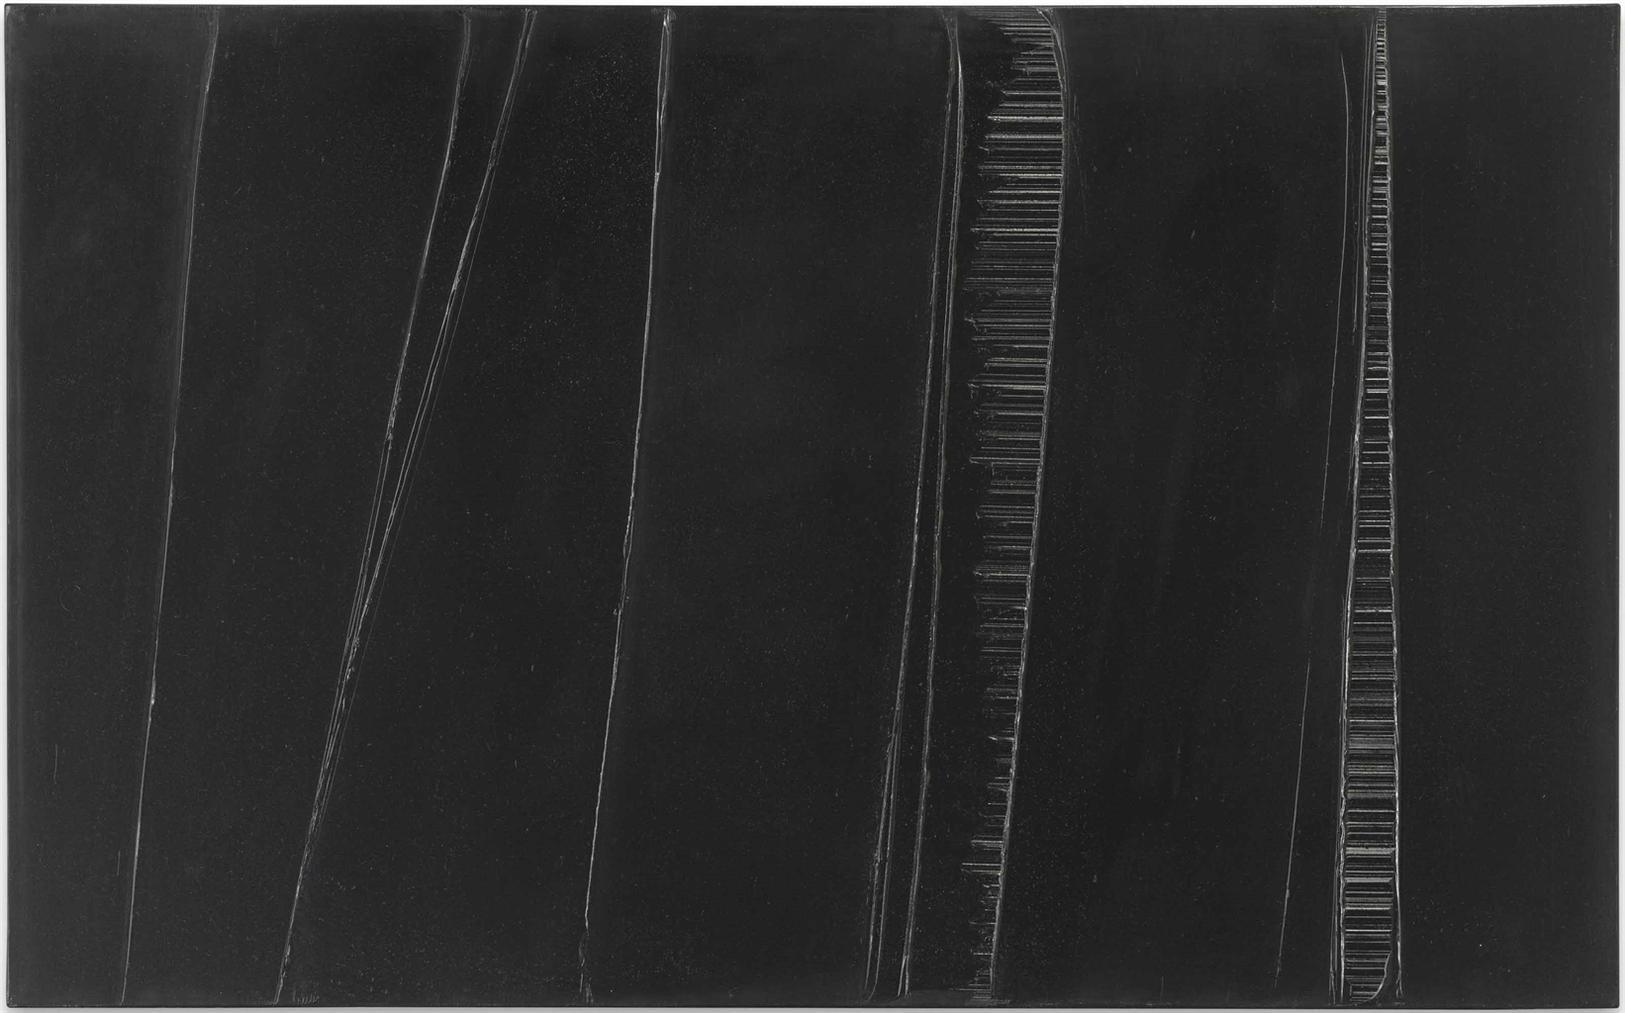 Pierre Soulages-Peinture 81 X 130Cm, 1Er Mars 1987-1987